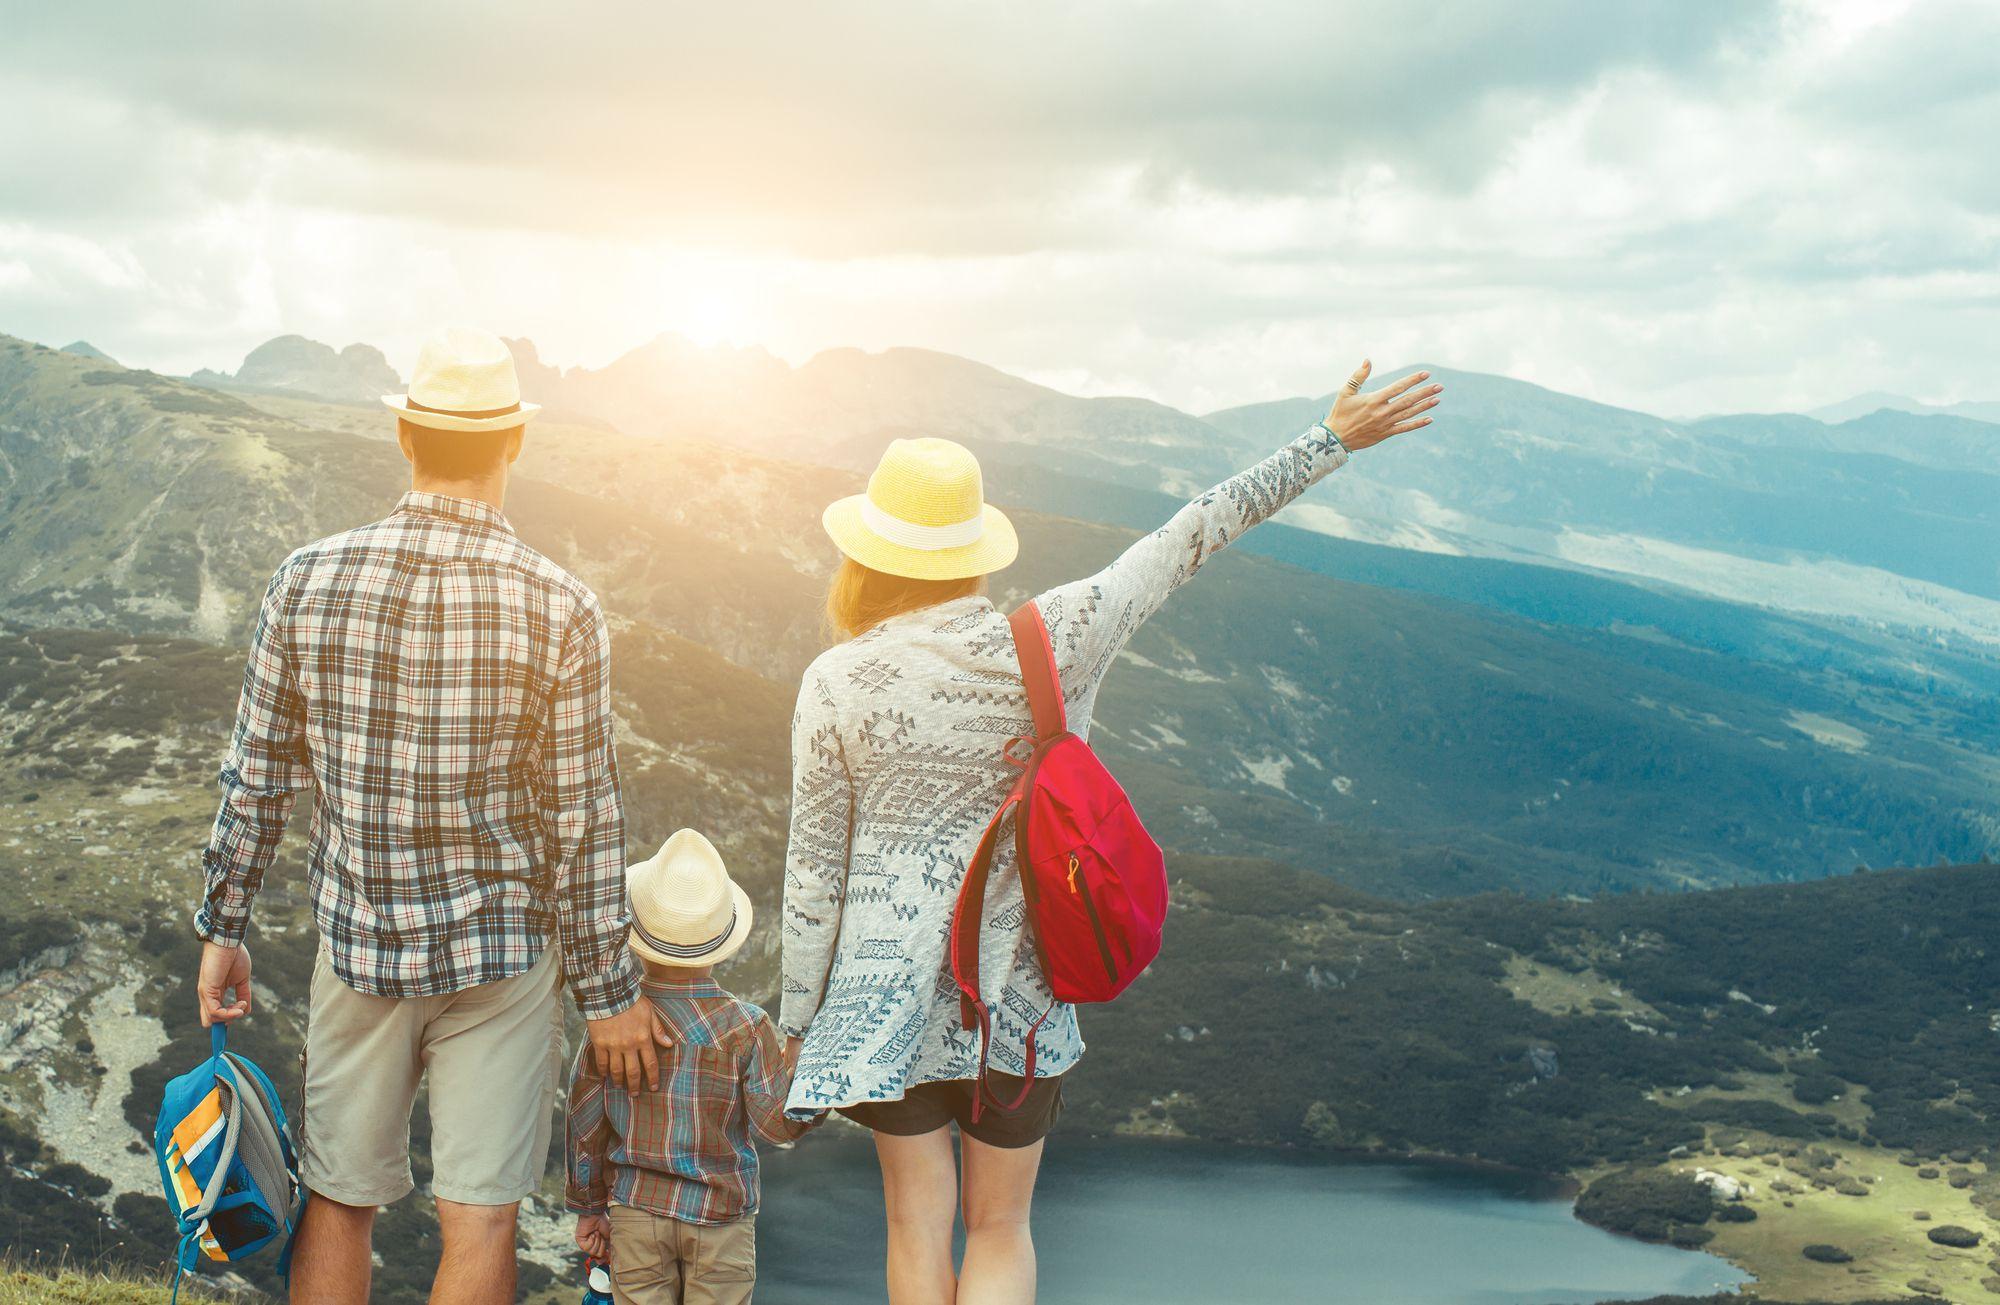 Descubra 6 destinos ideais para uma viagem em família